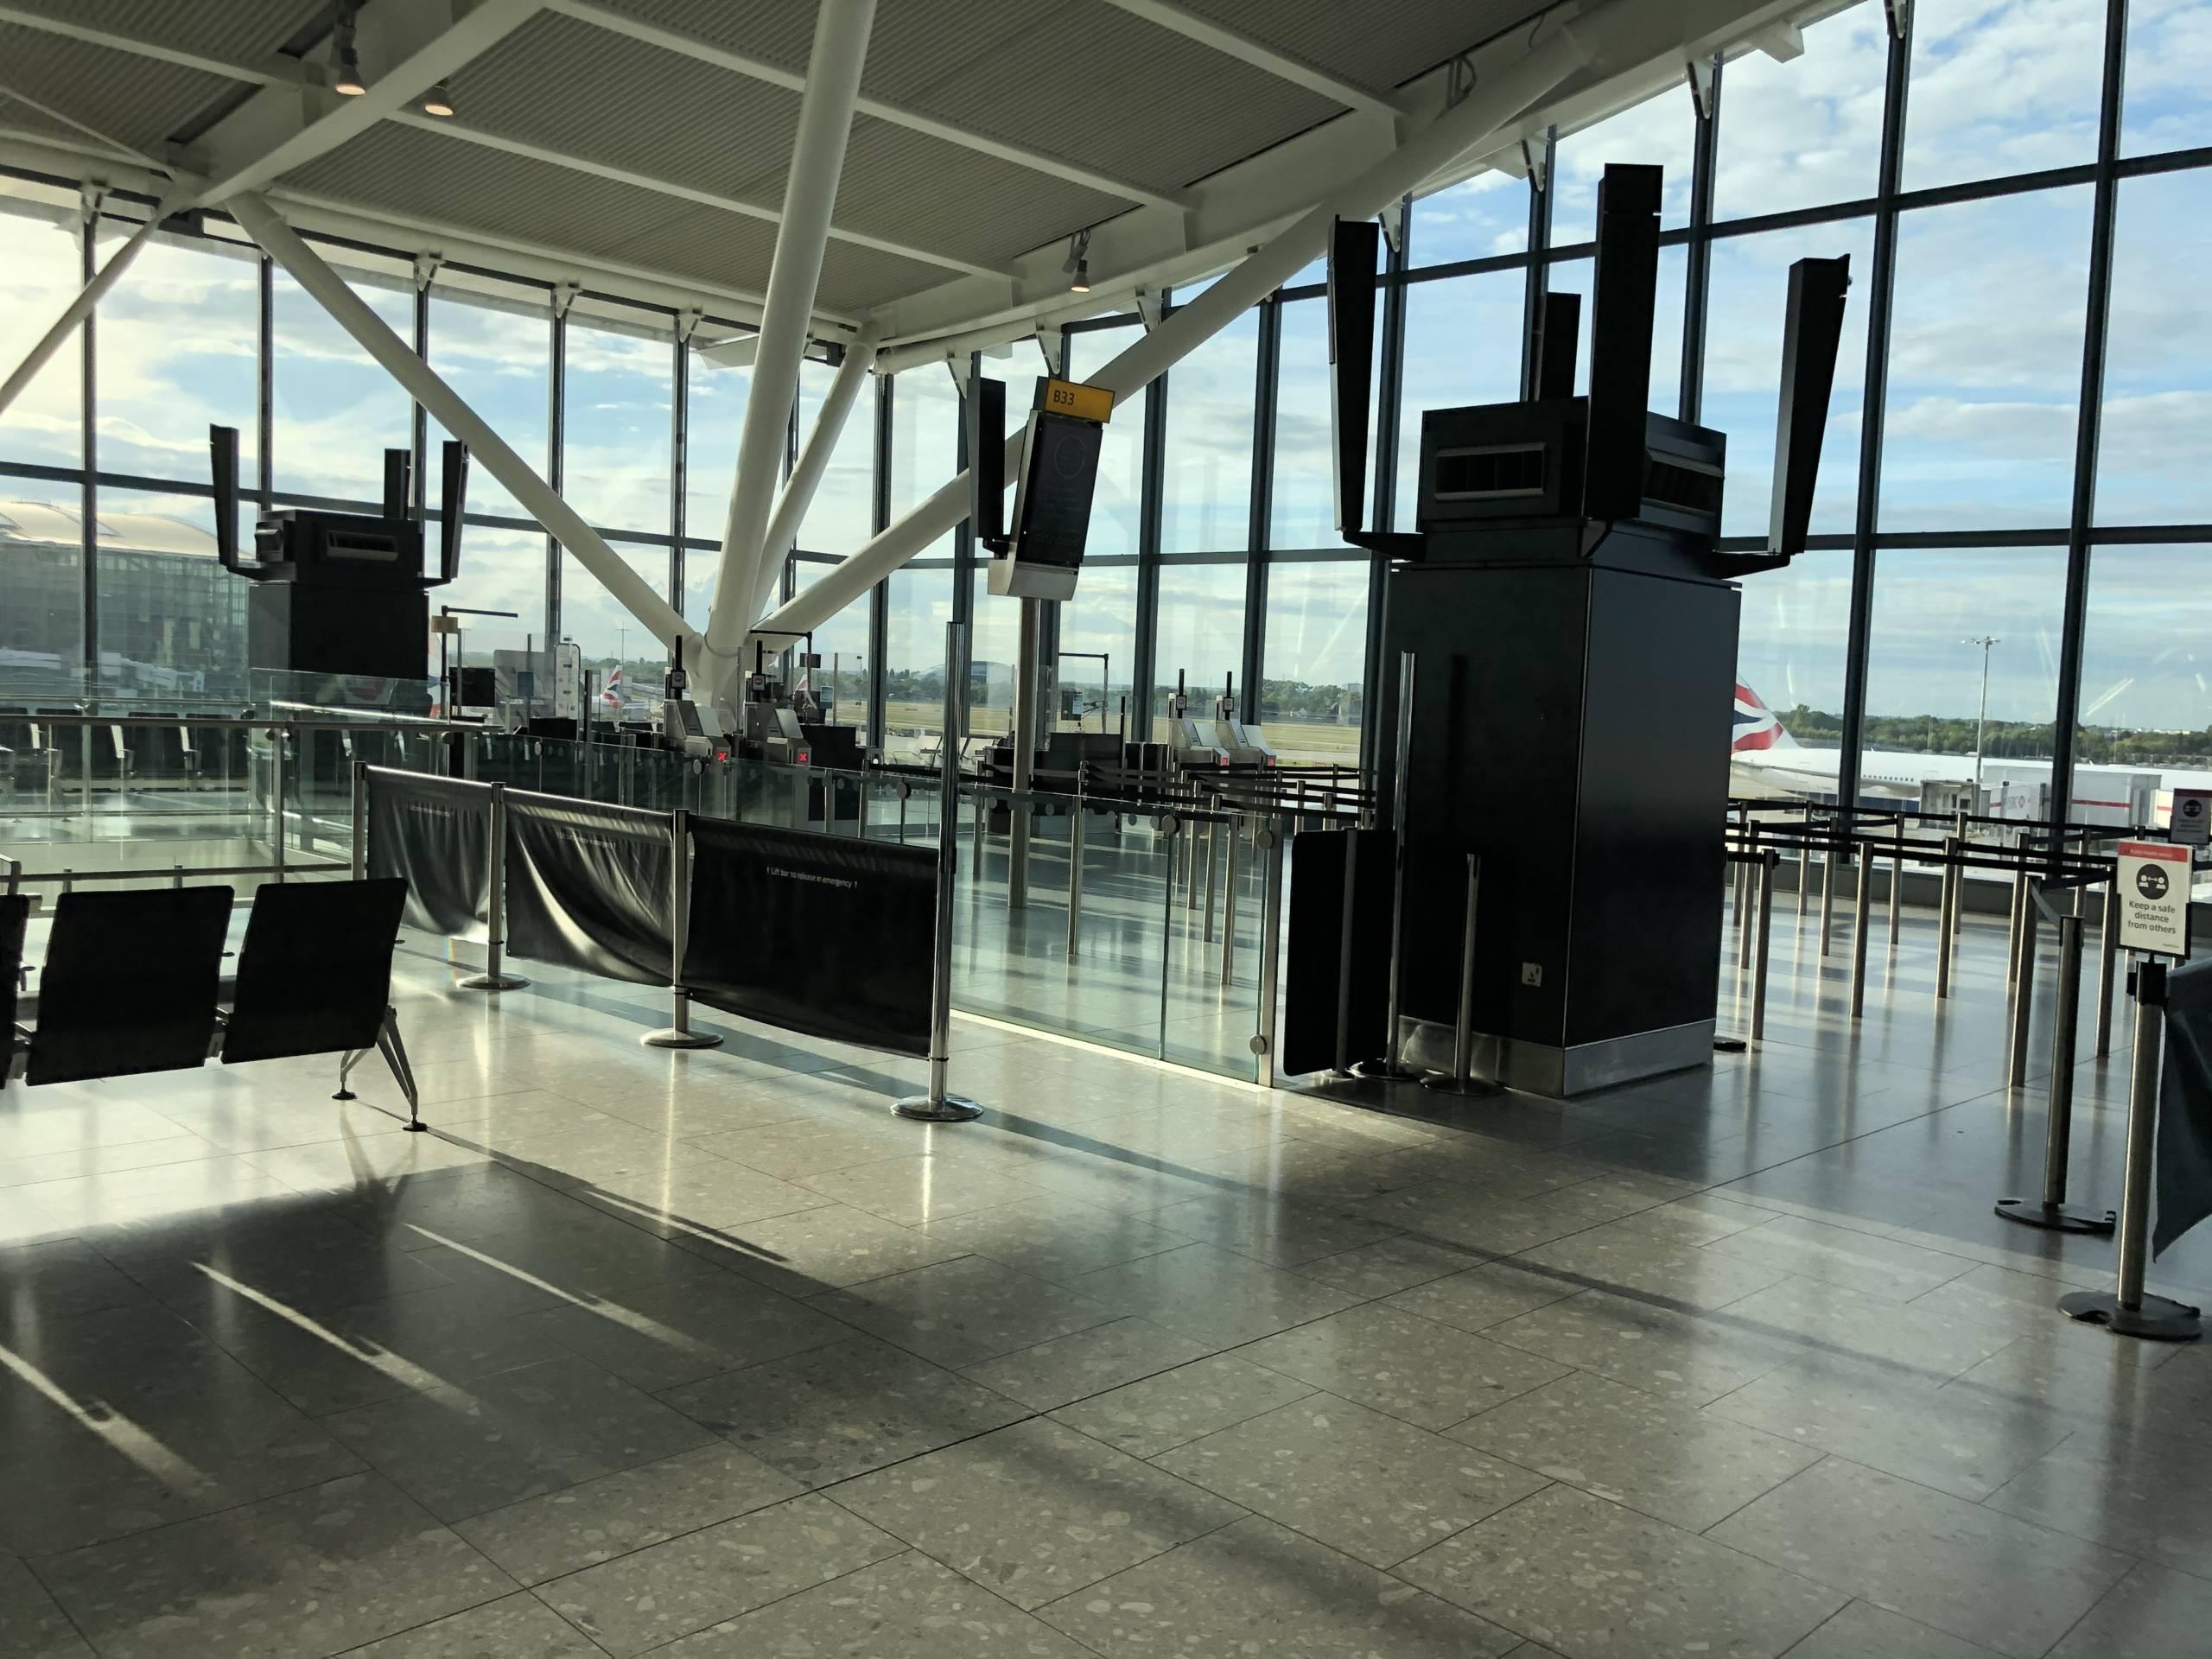 Terminal 5 del Aeropuerto de Heathrow vacía durante la pandemia